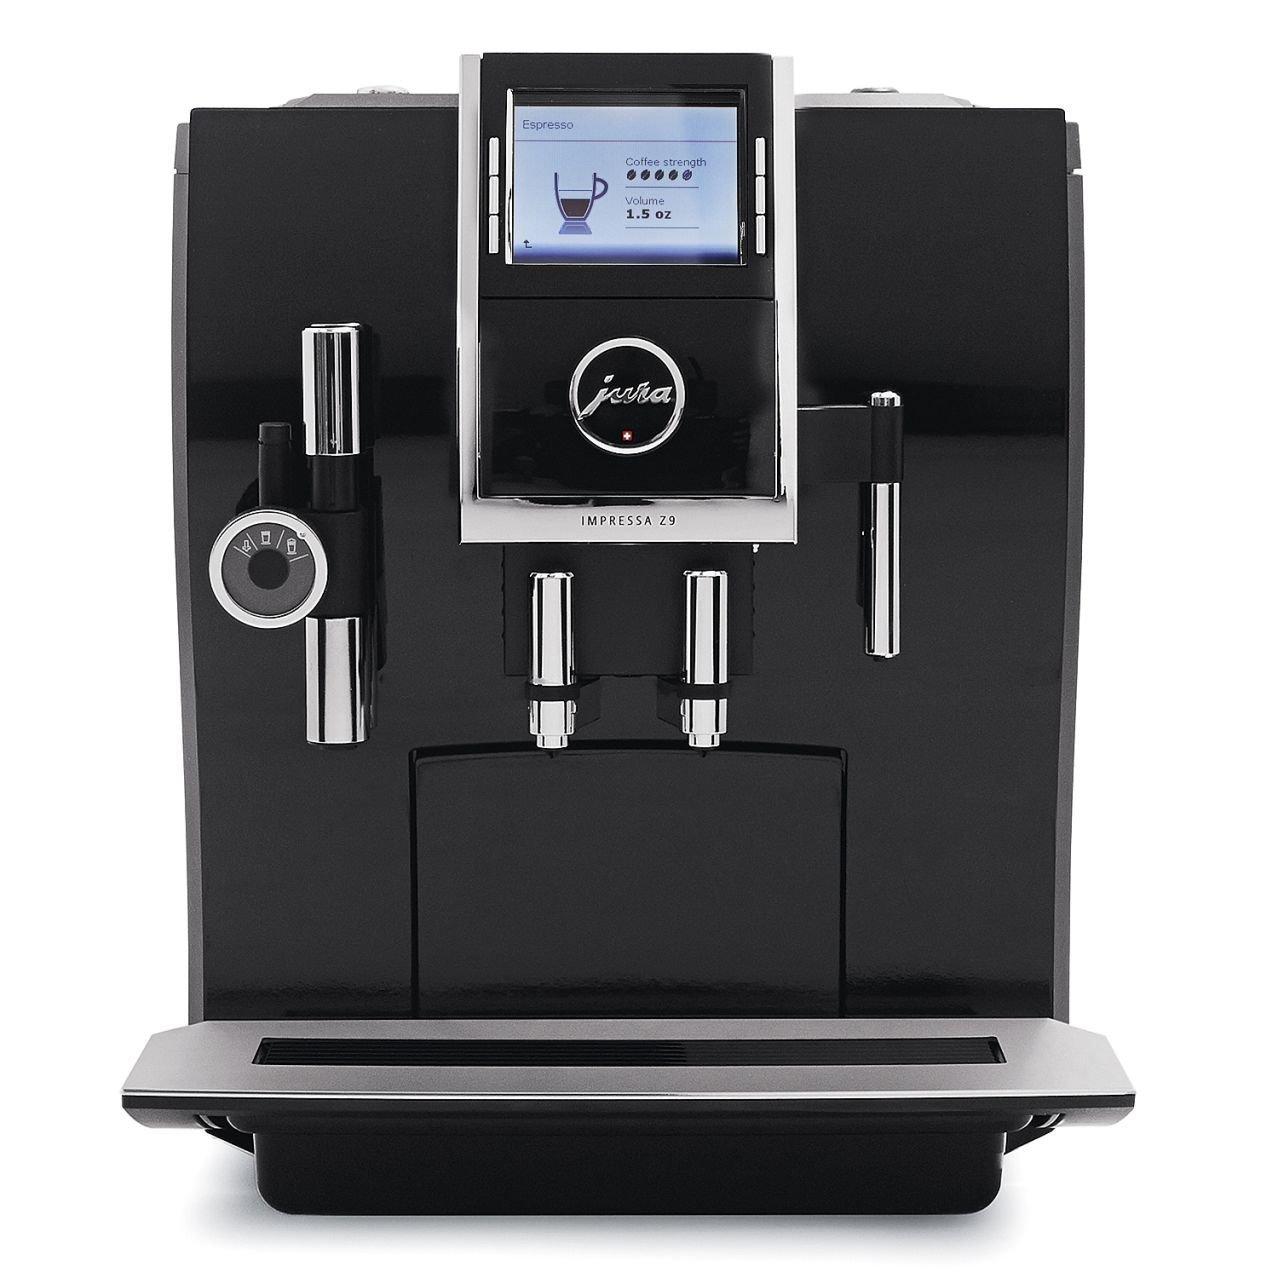 Costco - Jura Impressa Z9 One Touch Espresso Cappuccino Coffee Center $2199.99 Free S&H